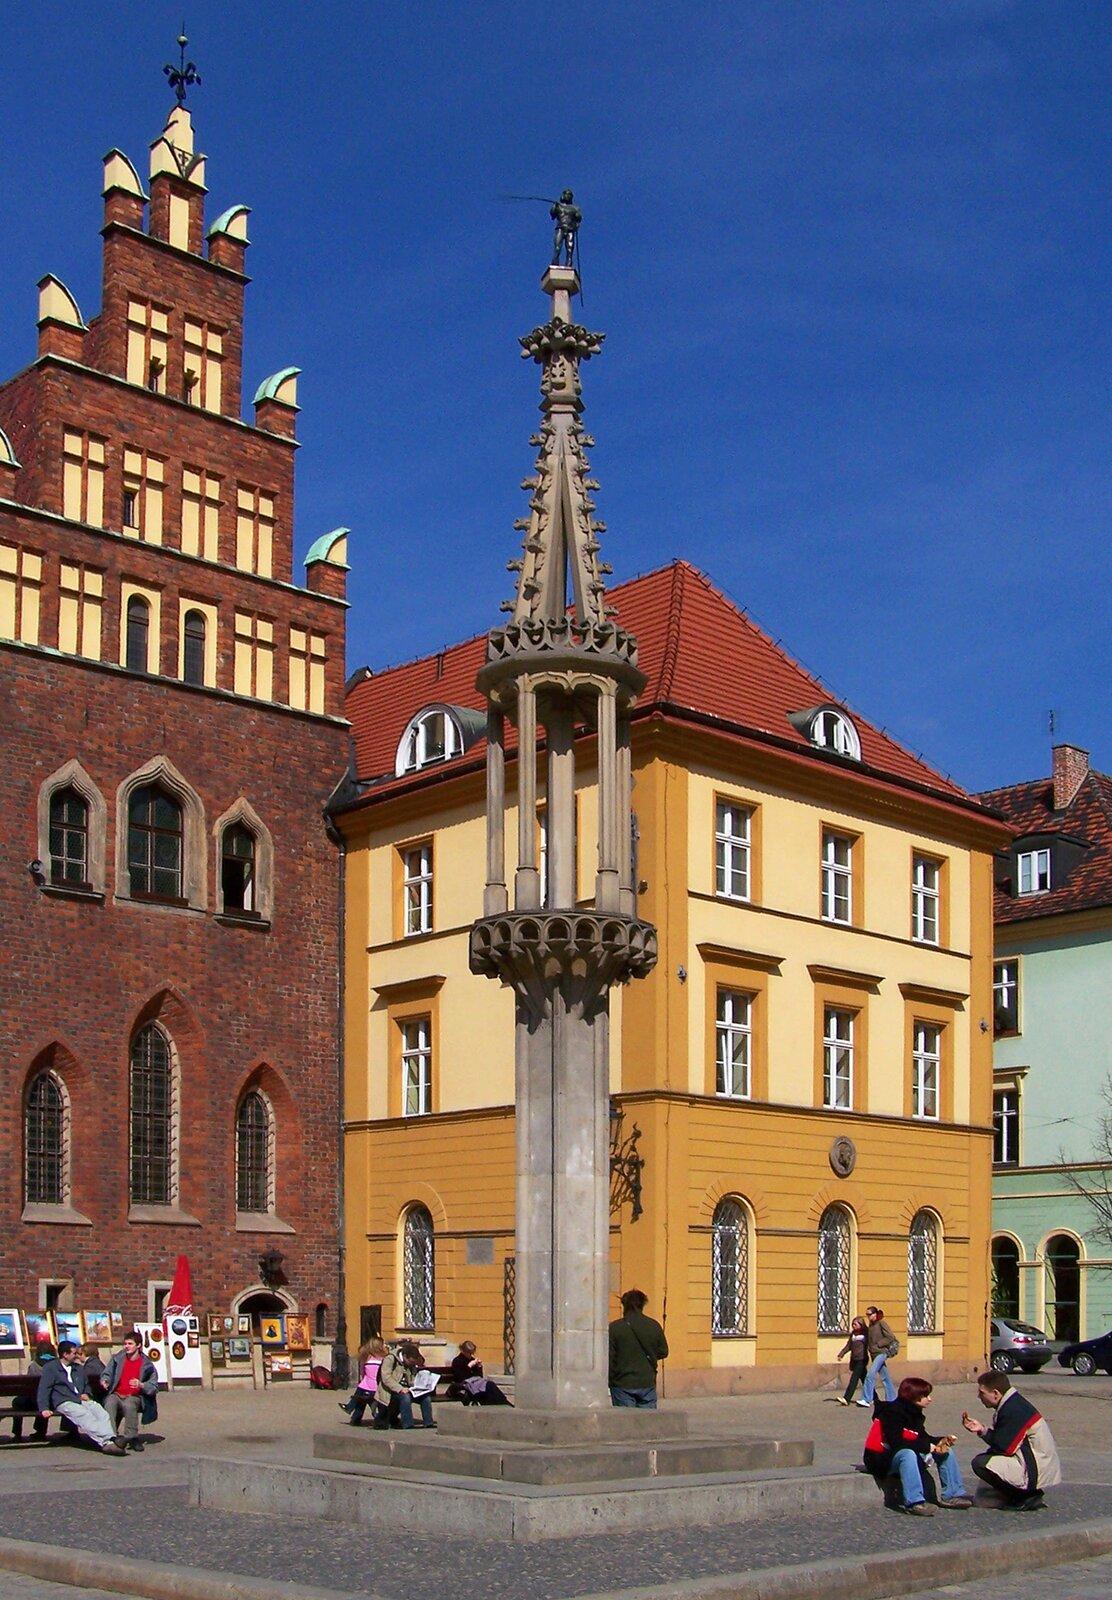 Pręgierz narynku we Wrocławiu. Dawniej wykonywano przy nim kary (na przykład chłosty), adziś to ulubione miejsce spotkań młodzieży. Był to słup, do którego przywiązywano złoczyńców (na przykład złodziei lub oszustów). Pręgierze były stawiane wcentrum miasta na rynku Pręgierz narynku we Wrocławiu. Dawniej wykonywano przy nim kary (na przykład chłosty), adziś to ulubione miejsce spotkań młodzieży. Był to słup, do którego przywiązywano złoczyńców (na przykład złodziei lub oszustów). Pręgierze były stawiane wcentrum miasta na rynku Źródło: Lestat, Wikimedia Commons, licencja: CC BY-SA 3.0.